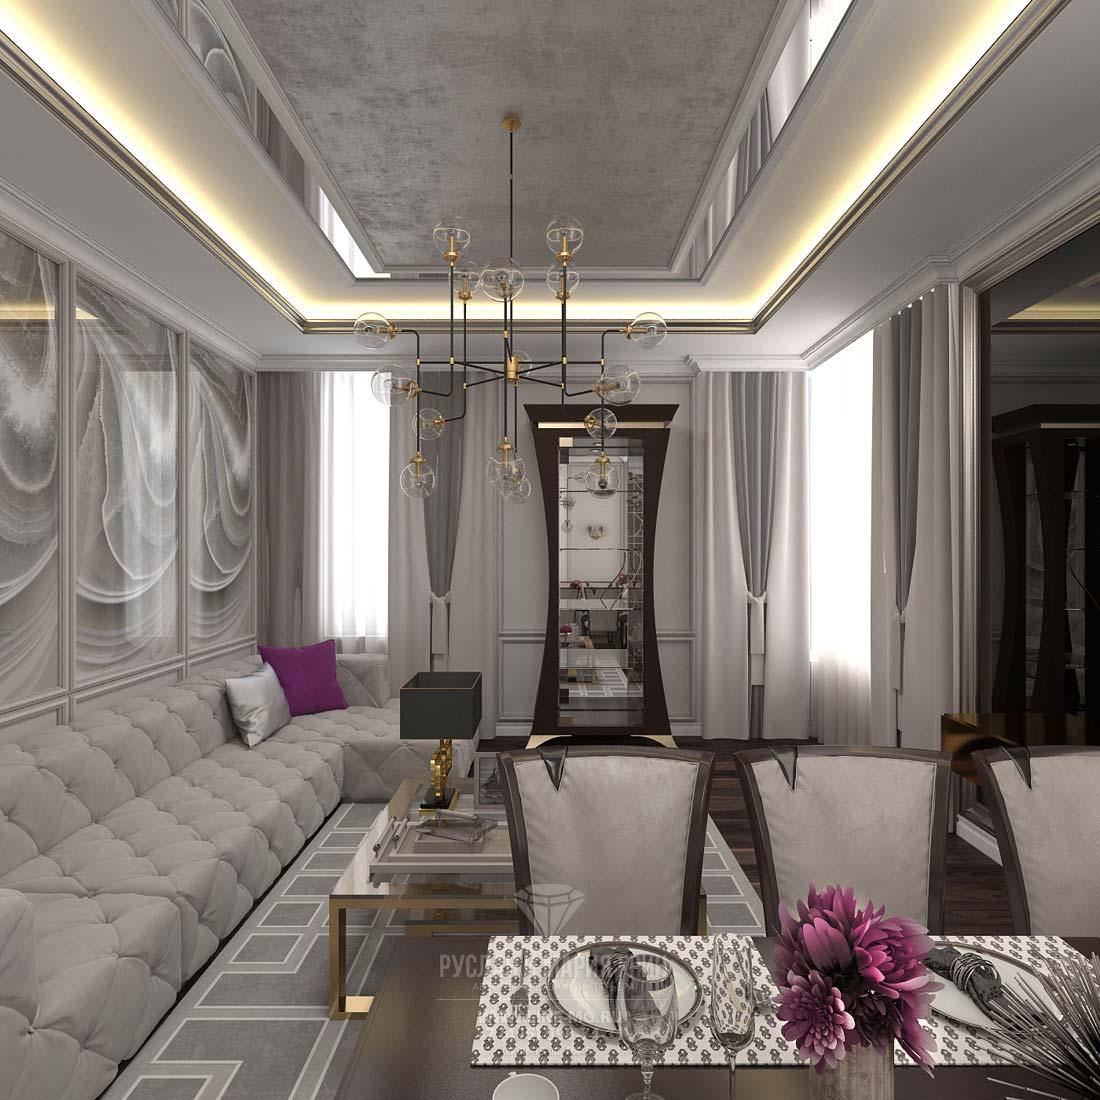 Дизайн красивой квартиры. Фото интерьера гостиной в ЖК «Достояние»